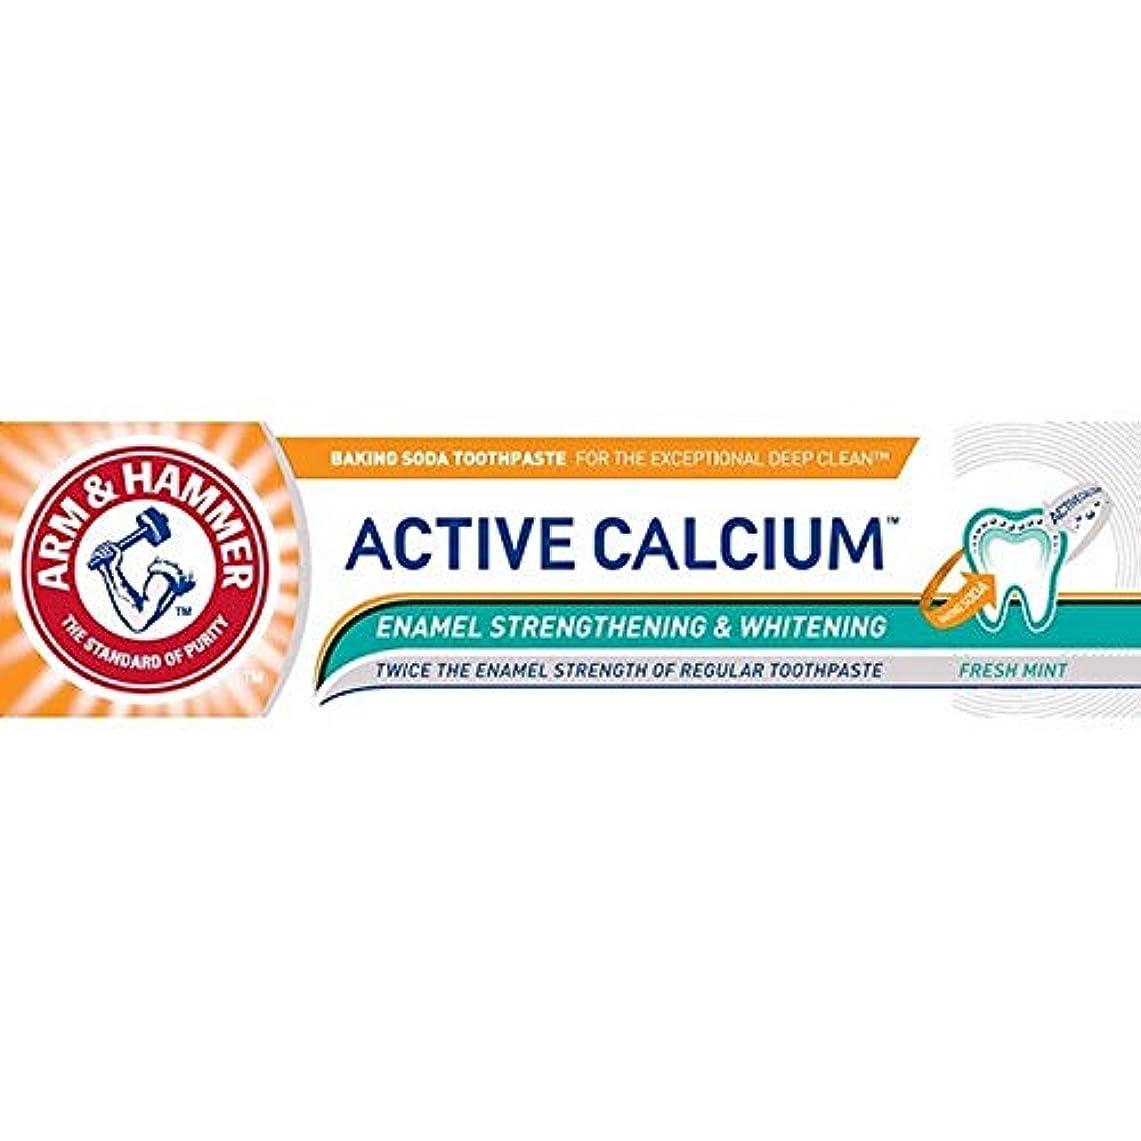 計算可能可能性ラップトップ[Arm & Hammer ] アーム&ハンマーアクティブカルシウムの75ミリリットル - Arm & Hammer Active Calcium 75ml [並行輸入品]